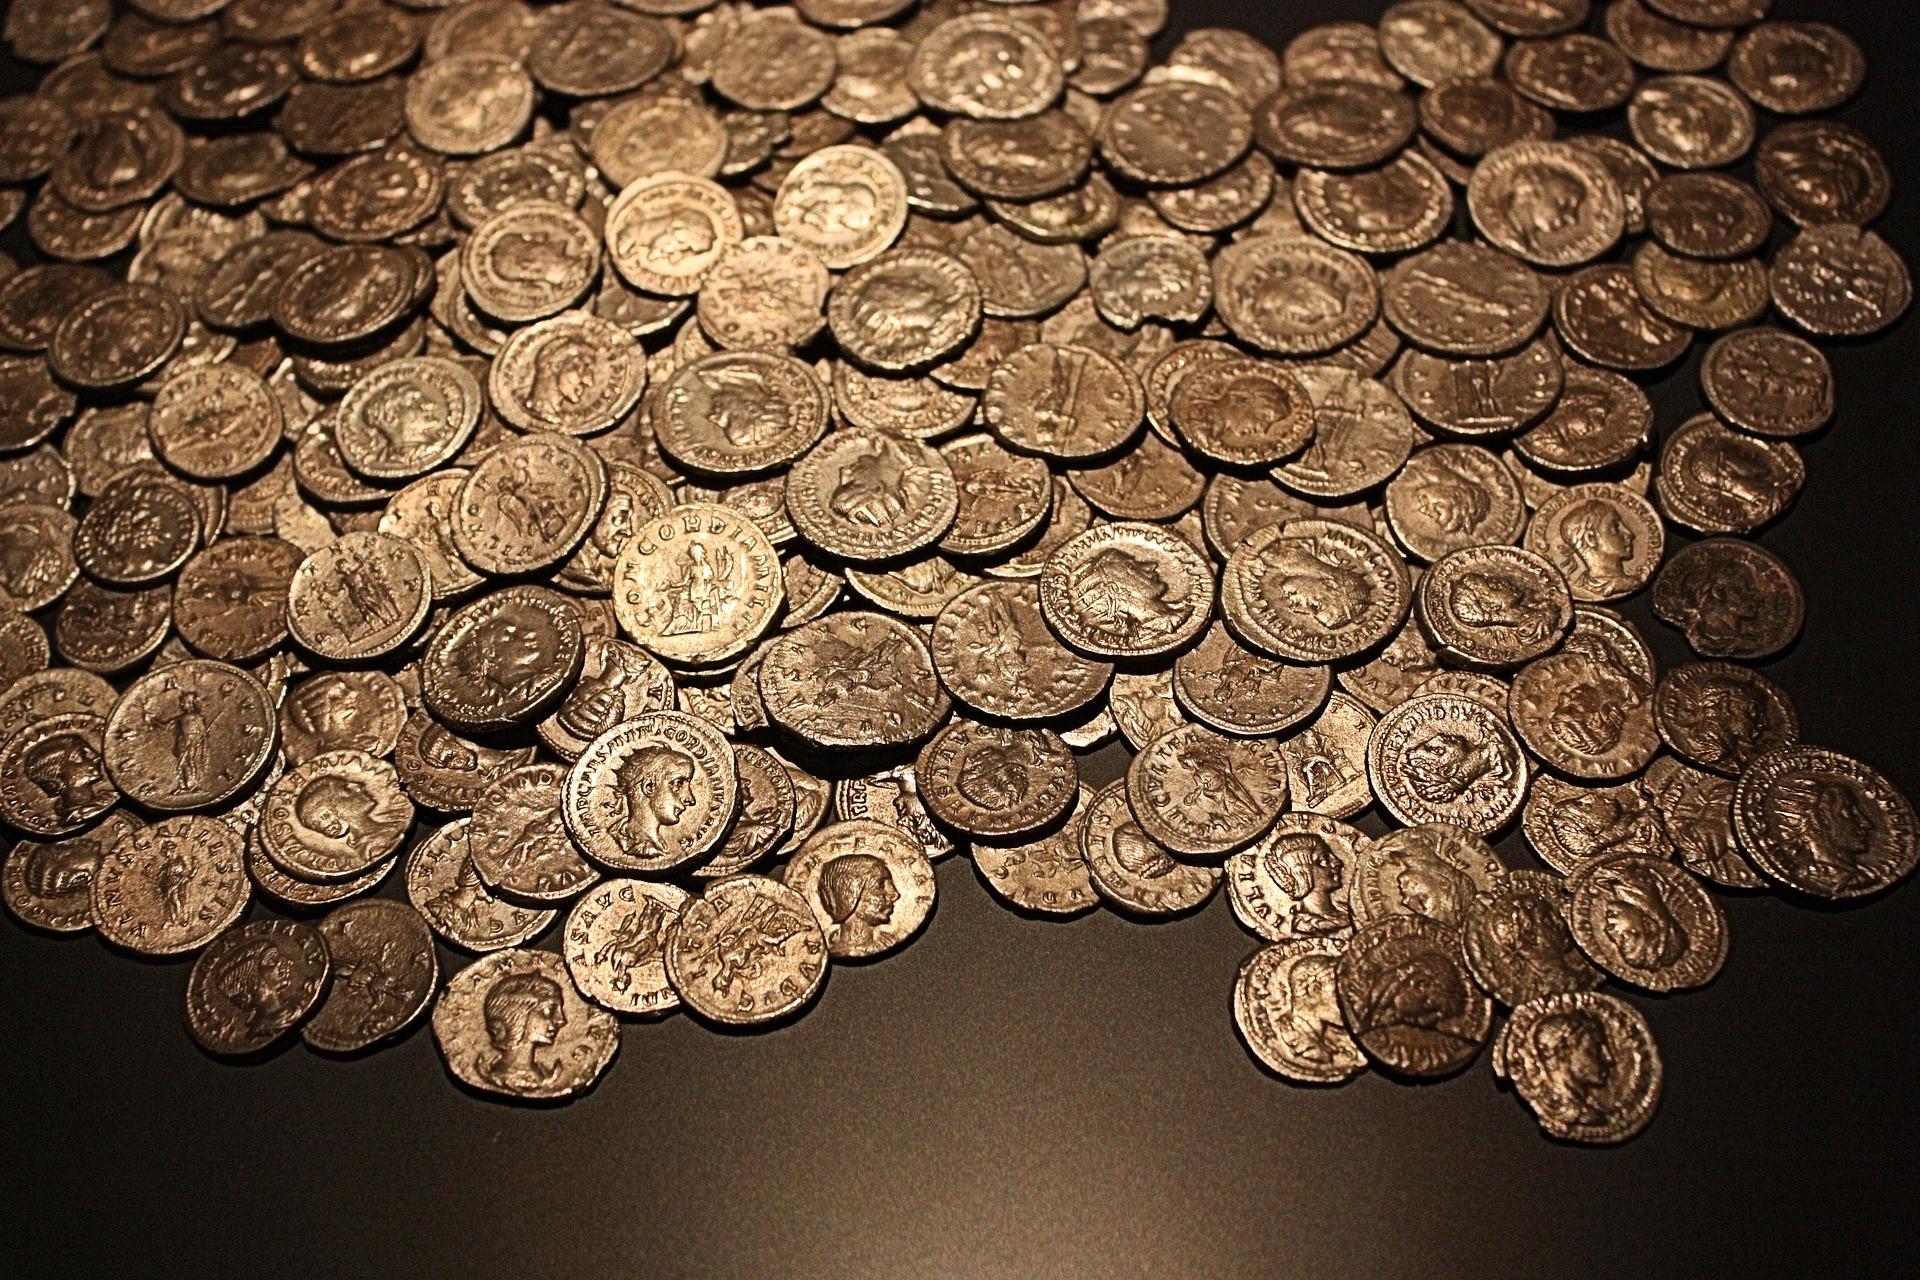 coins-2183470_1920